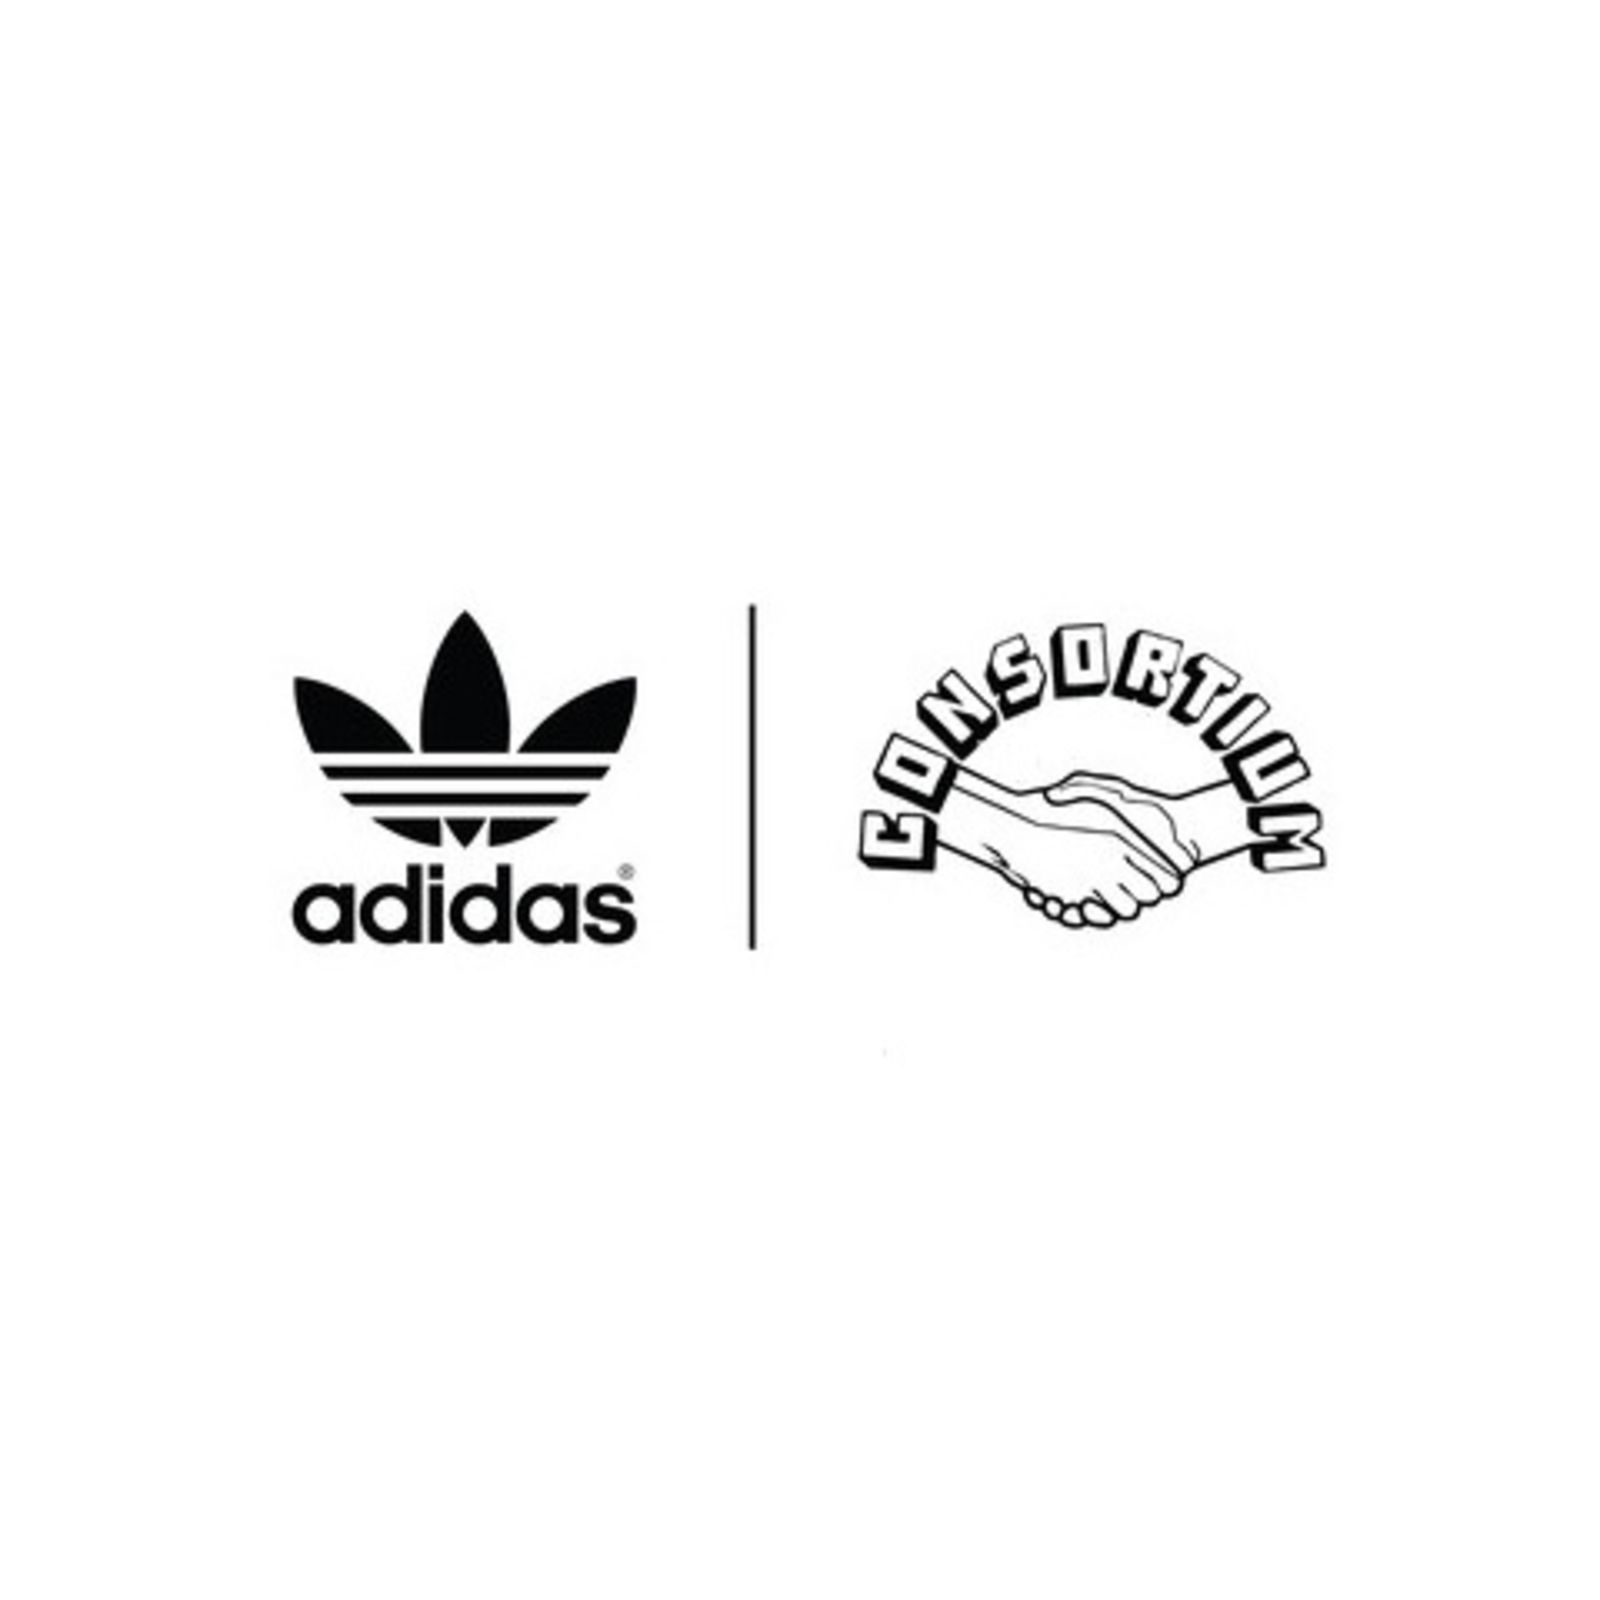 adidas CONSORTIUM (Image 1)